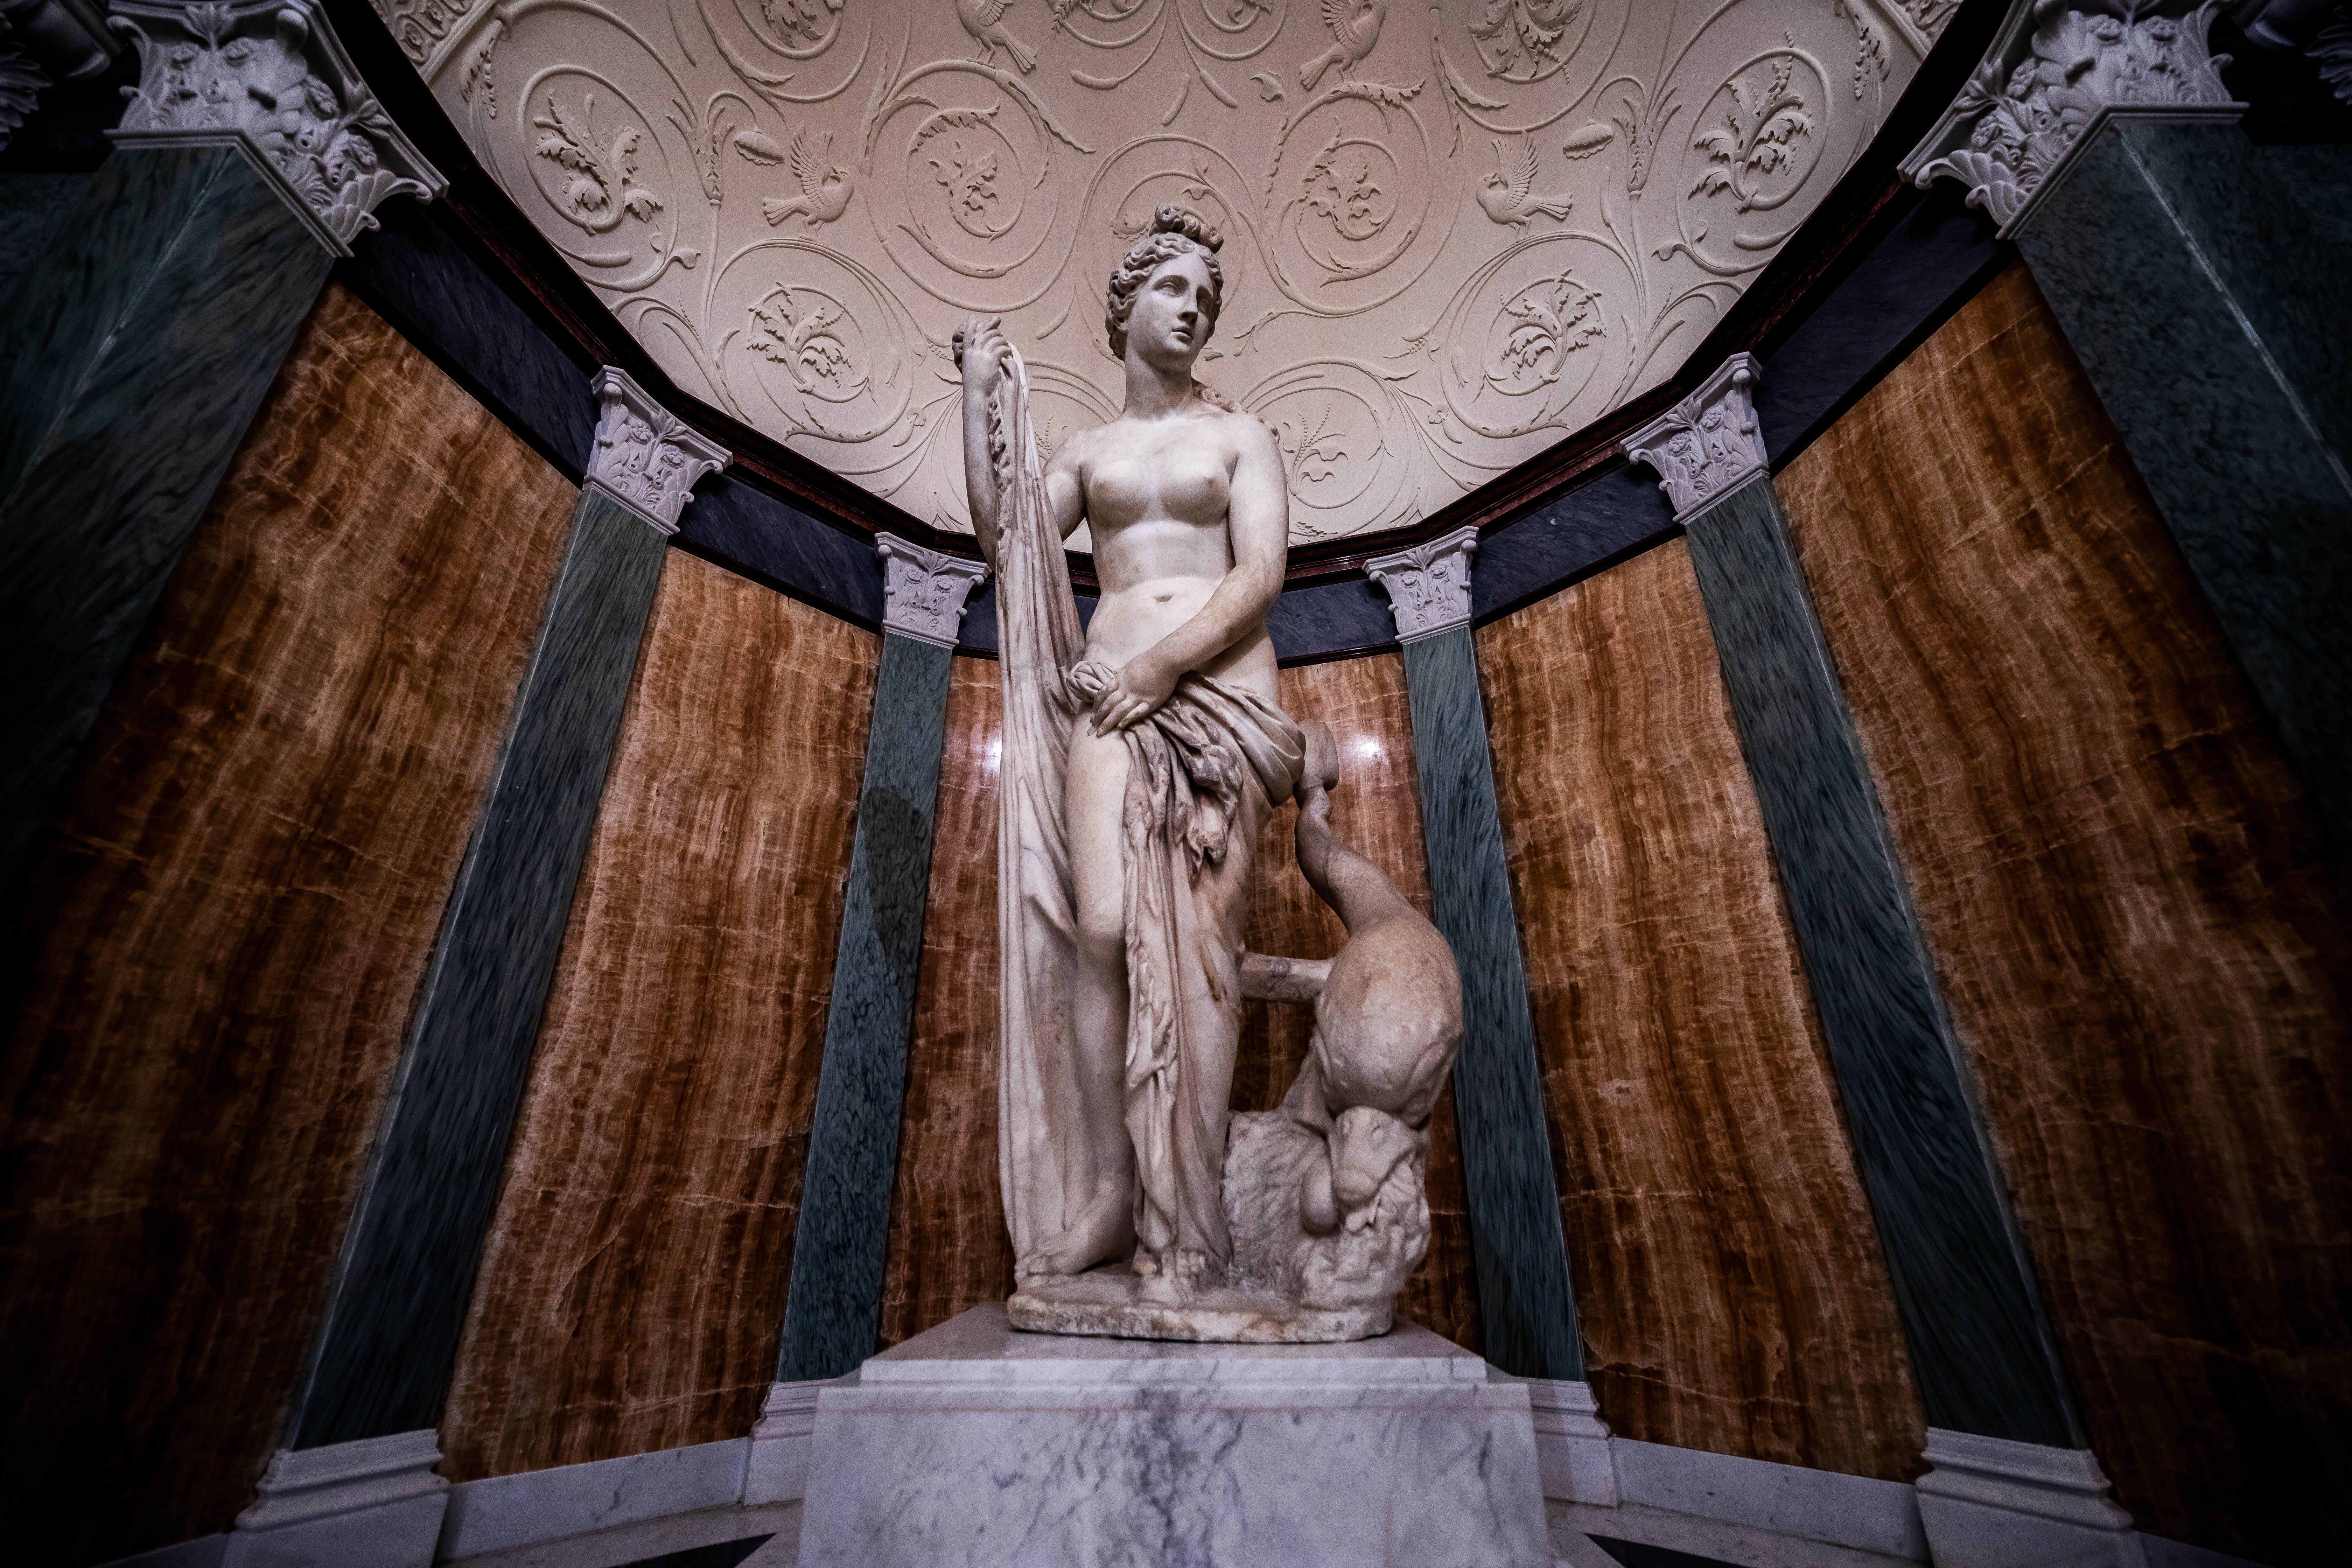 Statue in Getty Villa